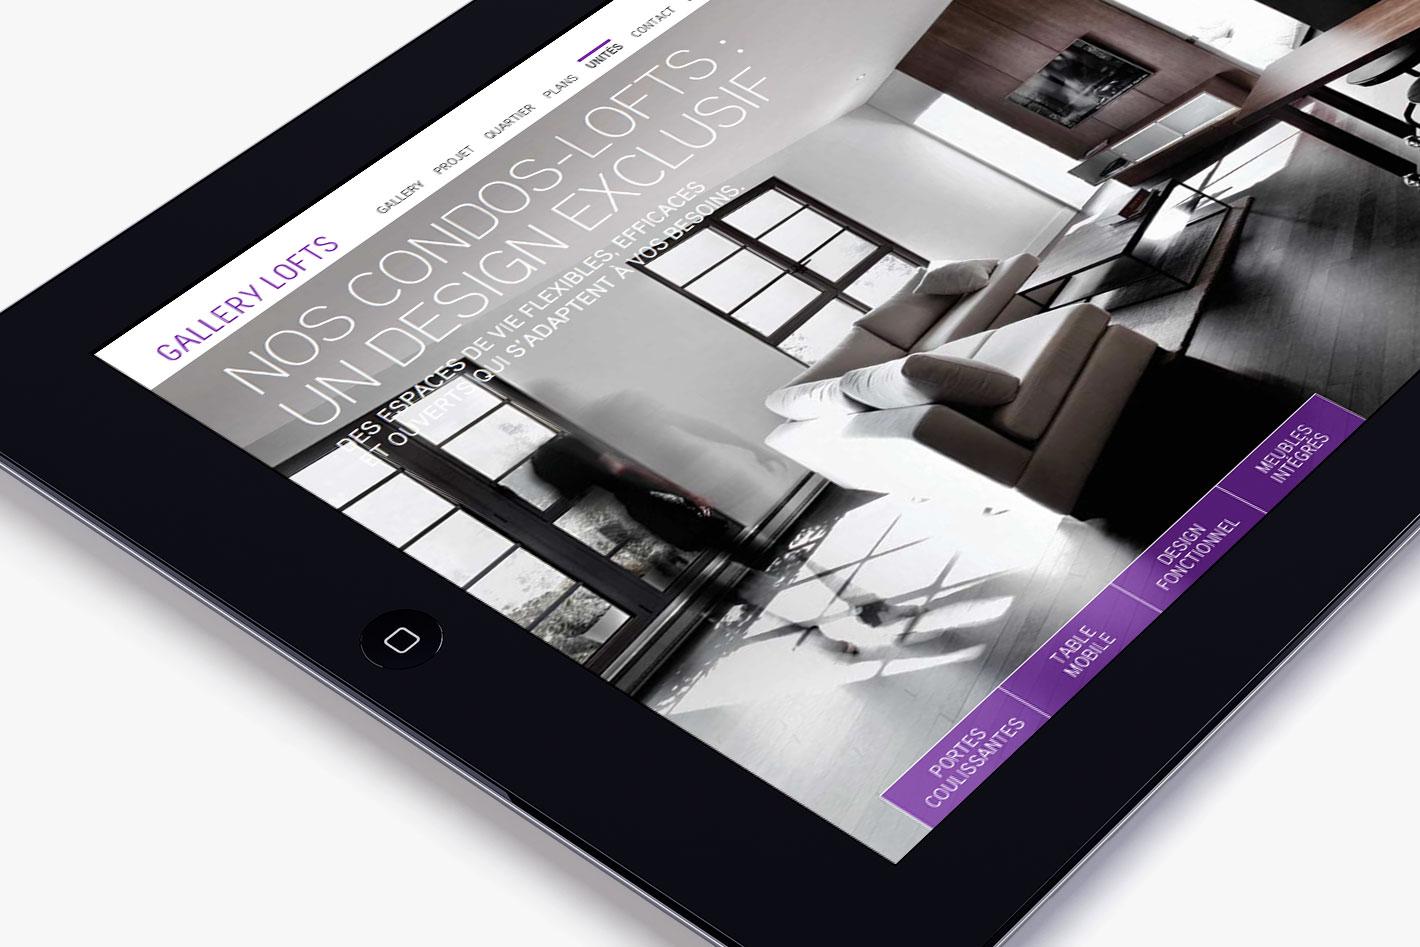 Gallery_IMGS_1420x947-iPad-angle